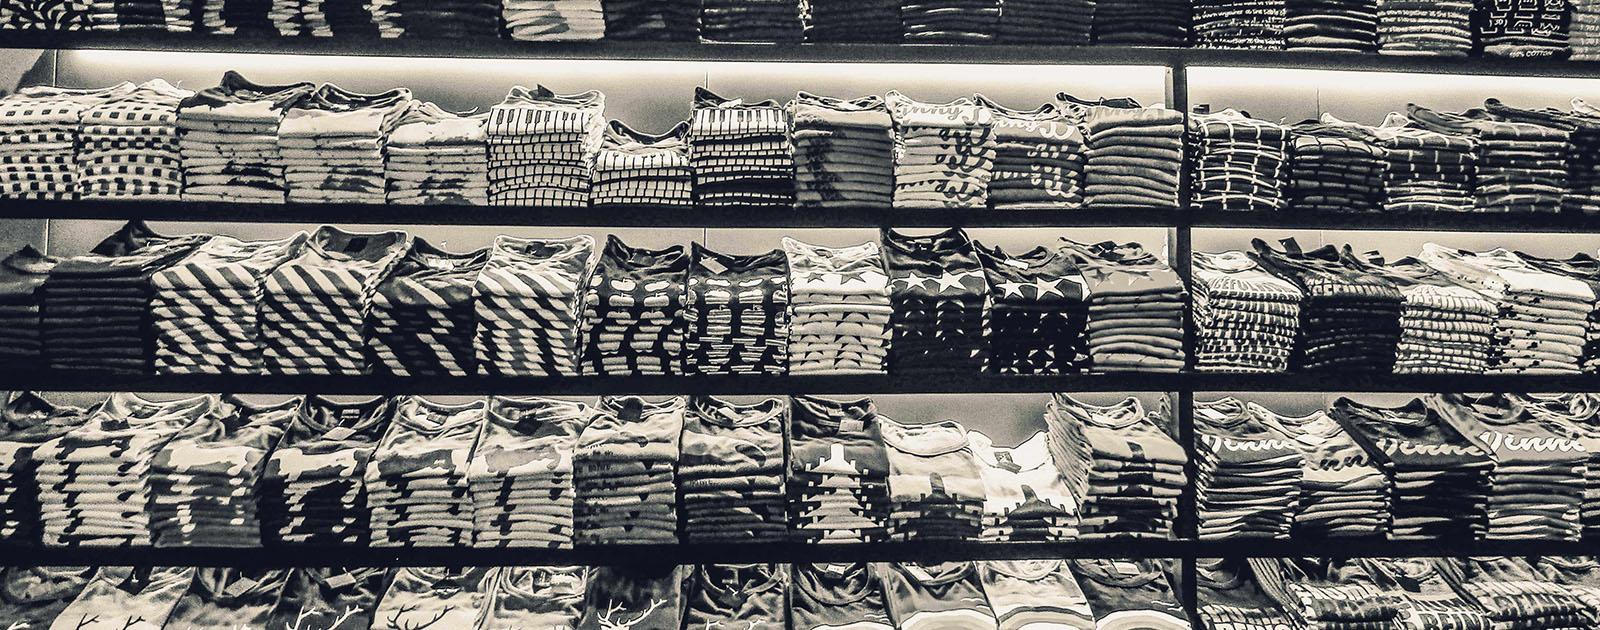 La mode peut-elle vraiment être éthique et responsable ?